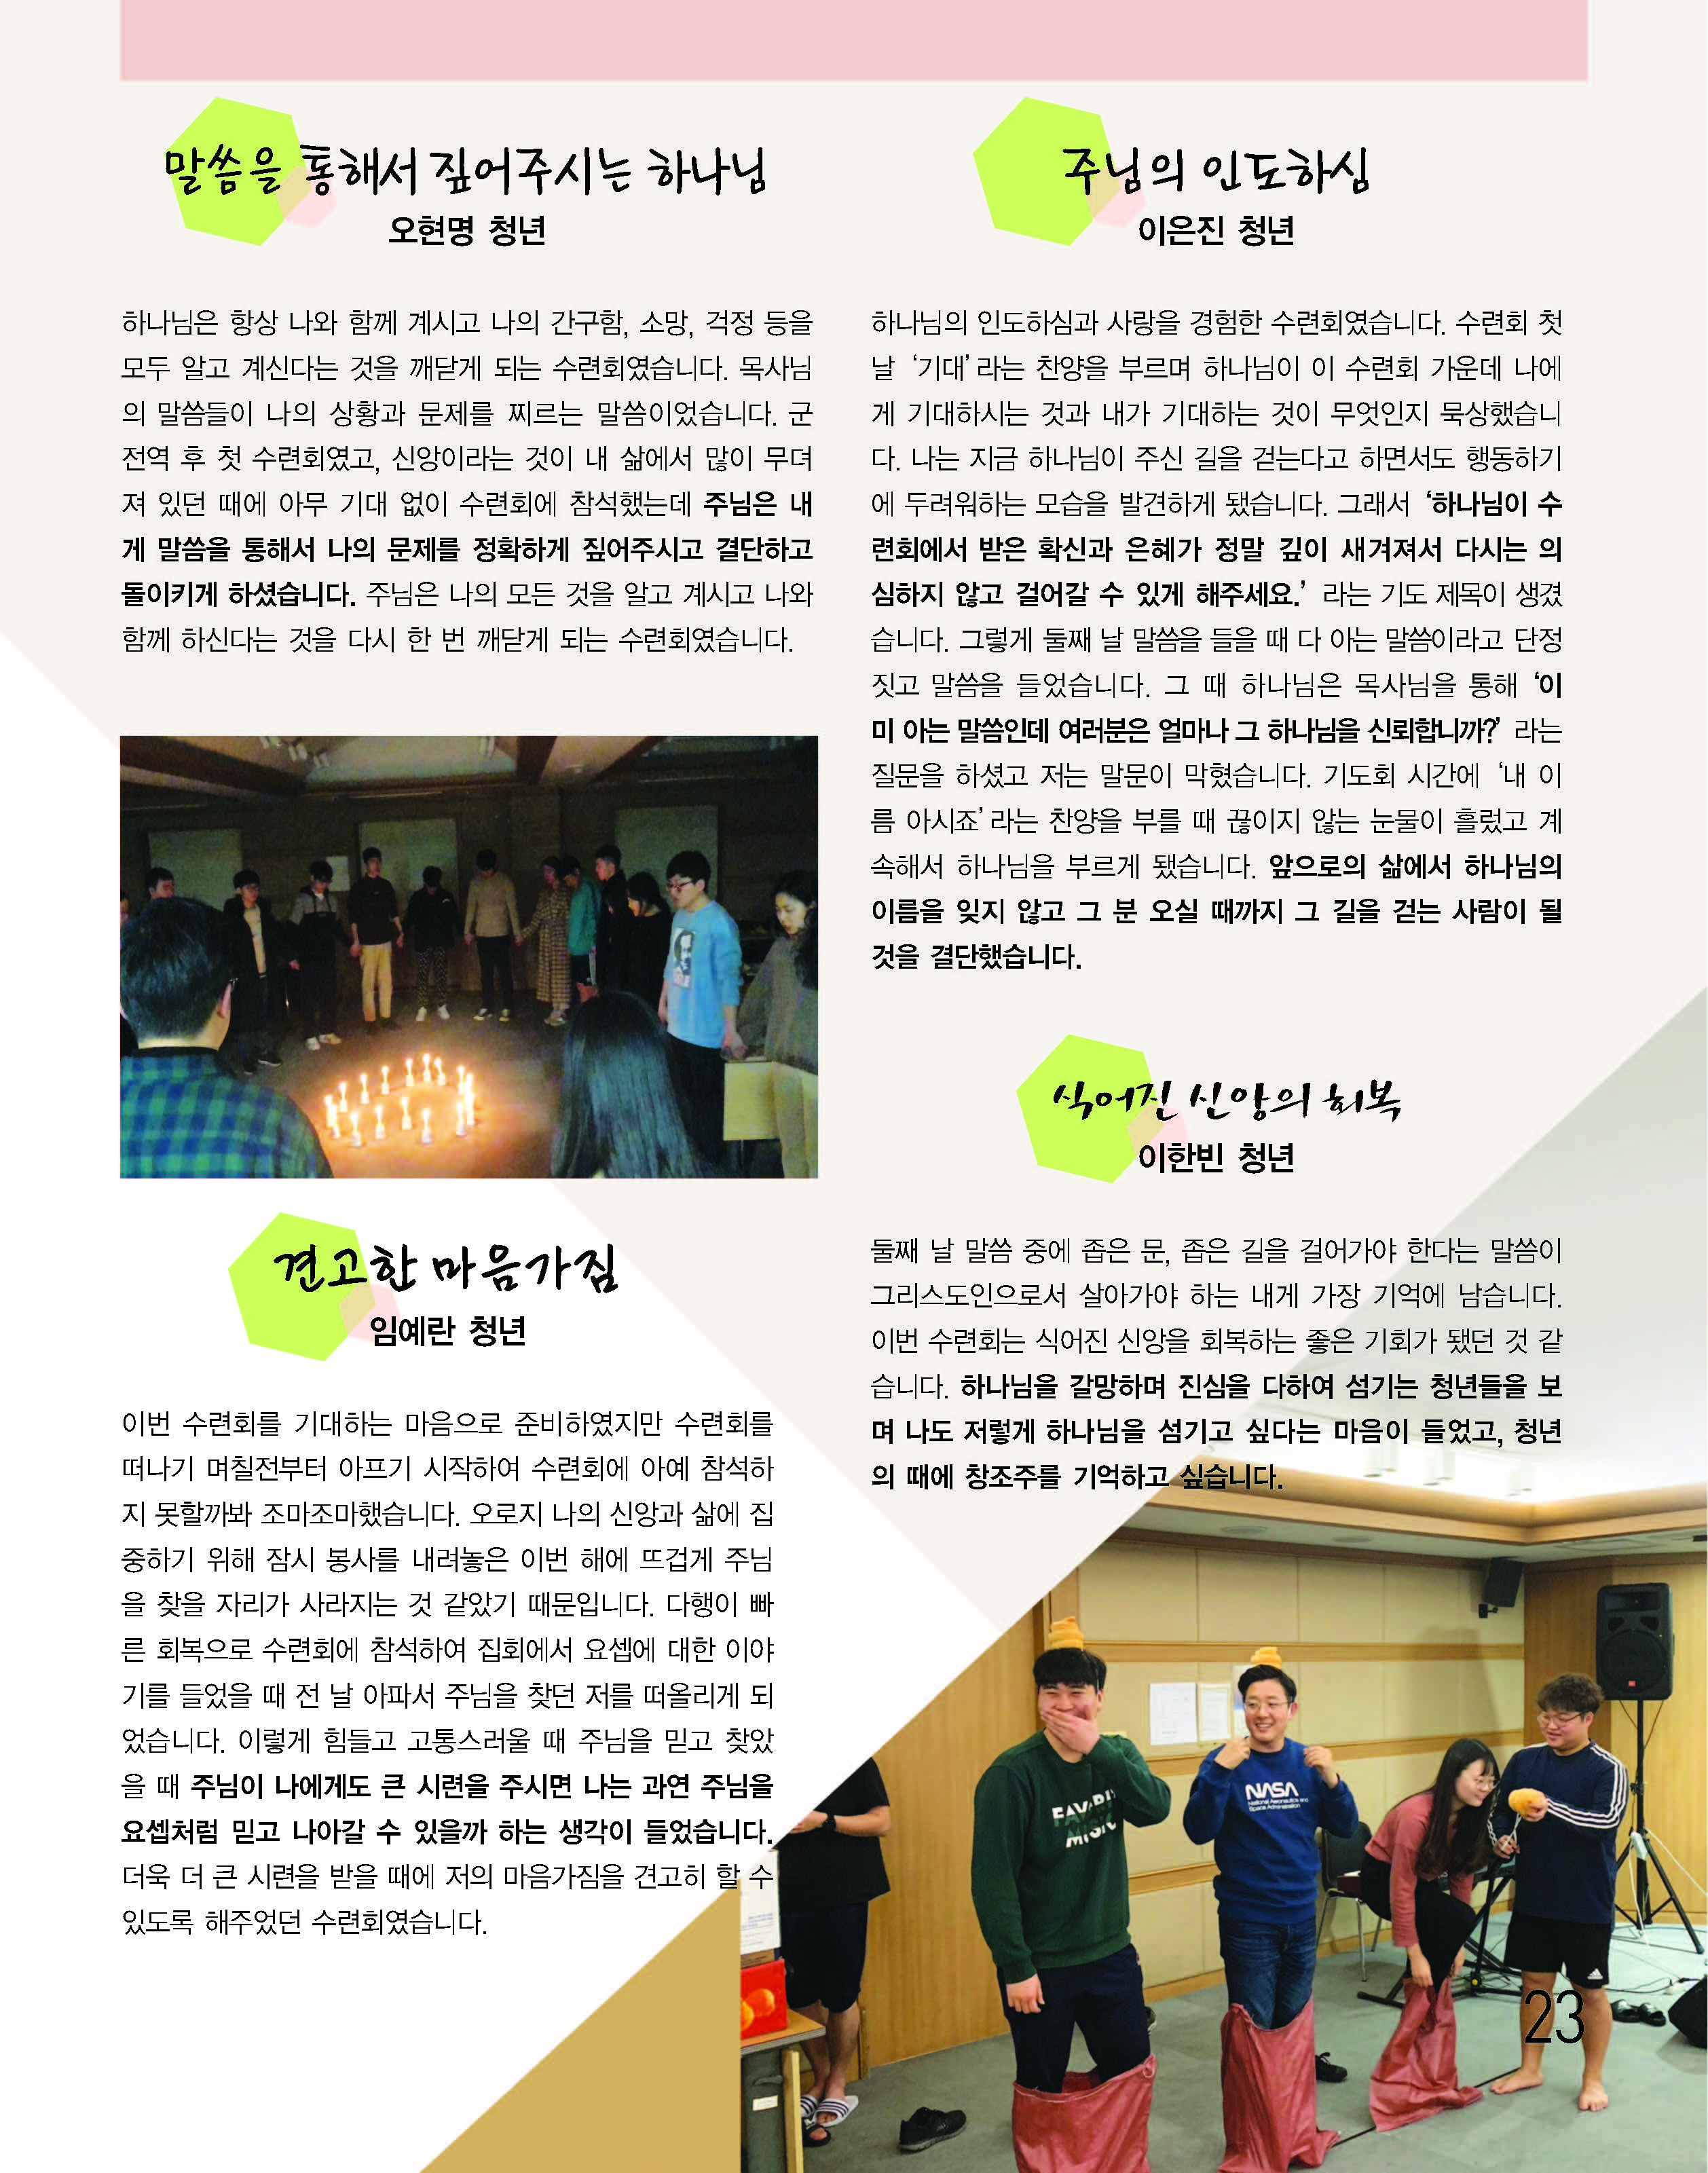 은혜로25홈피용_Page_23.jpg